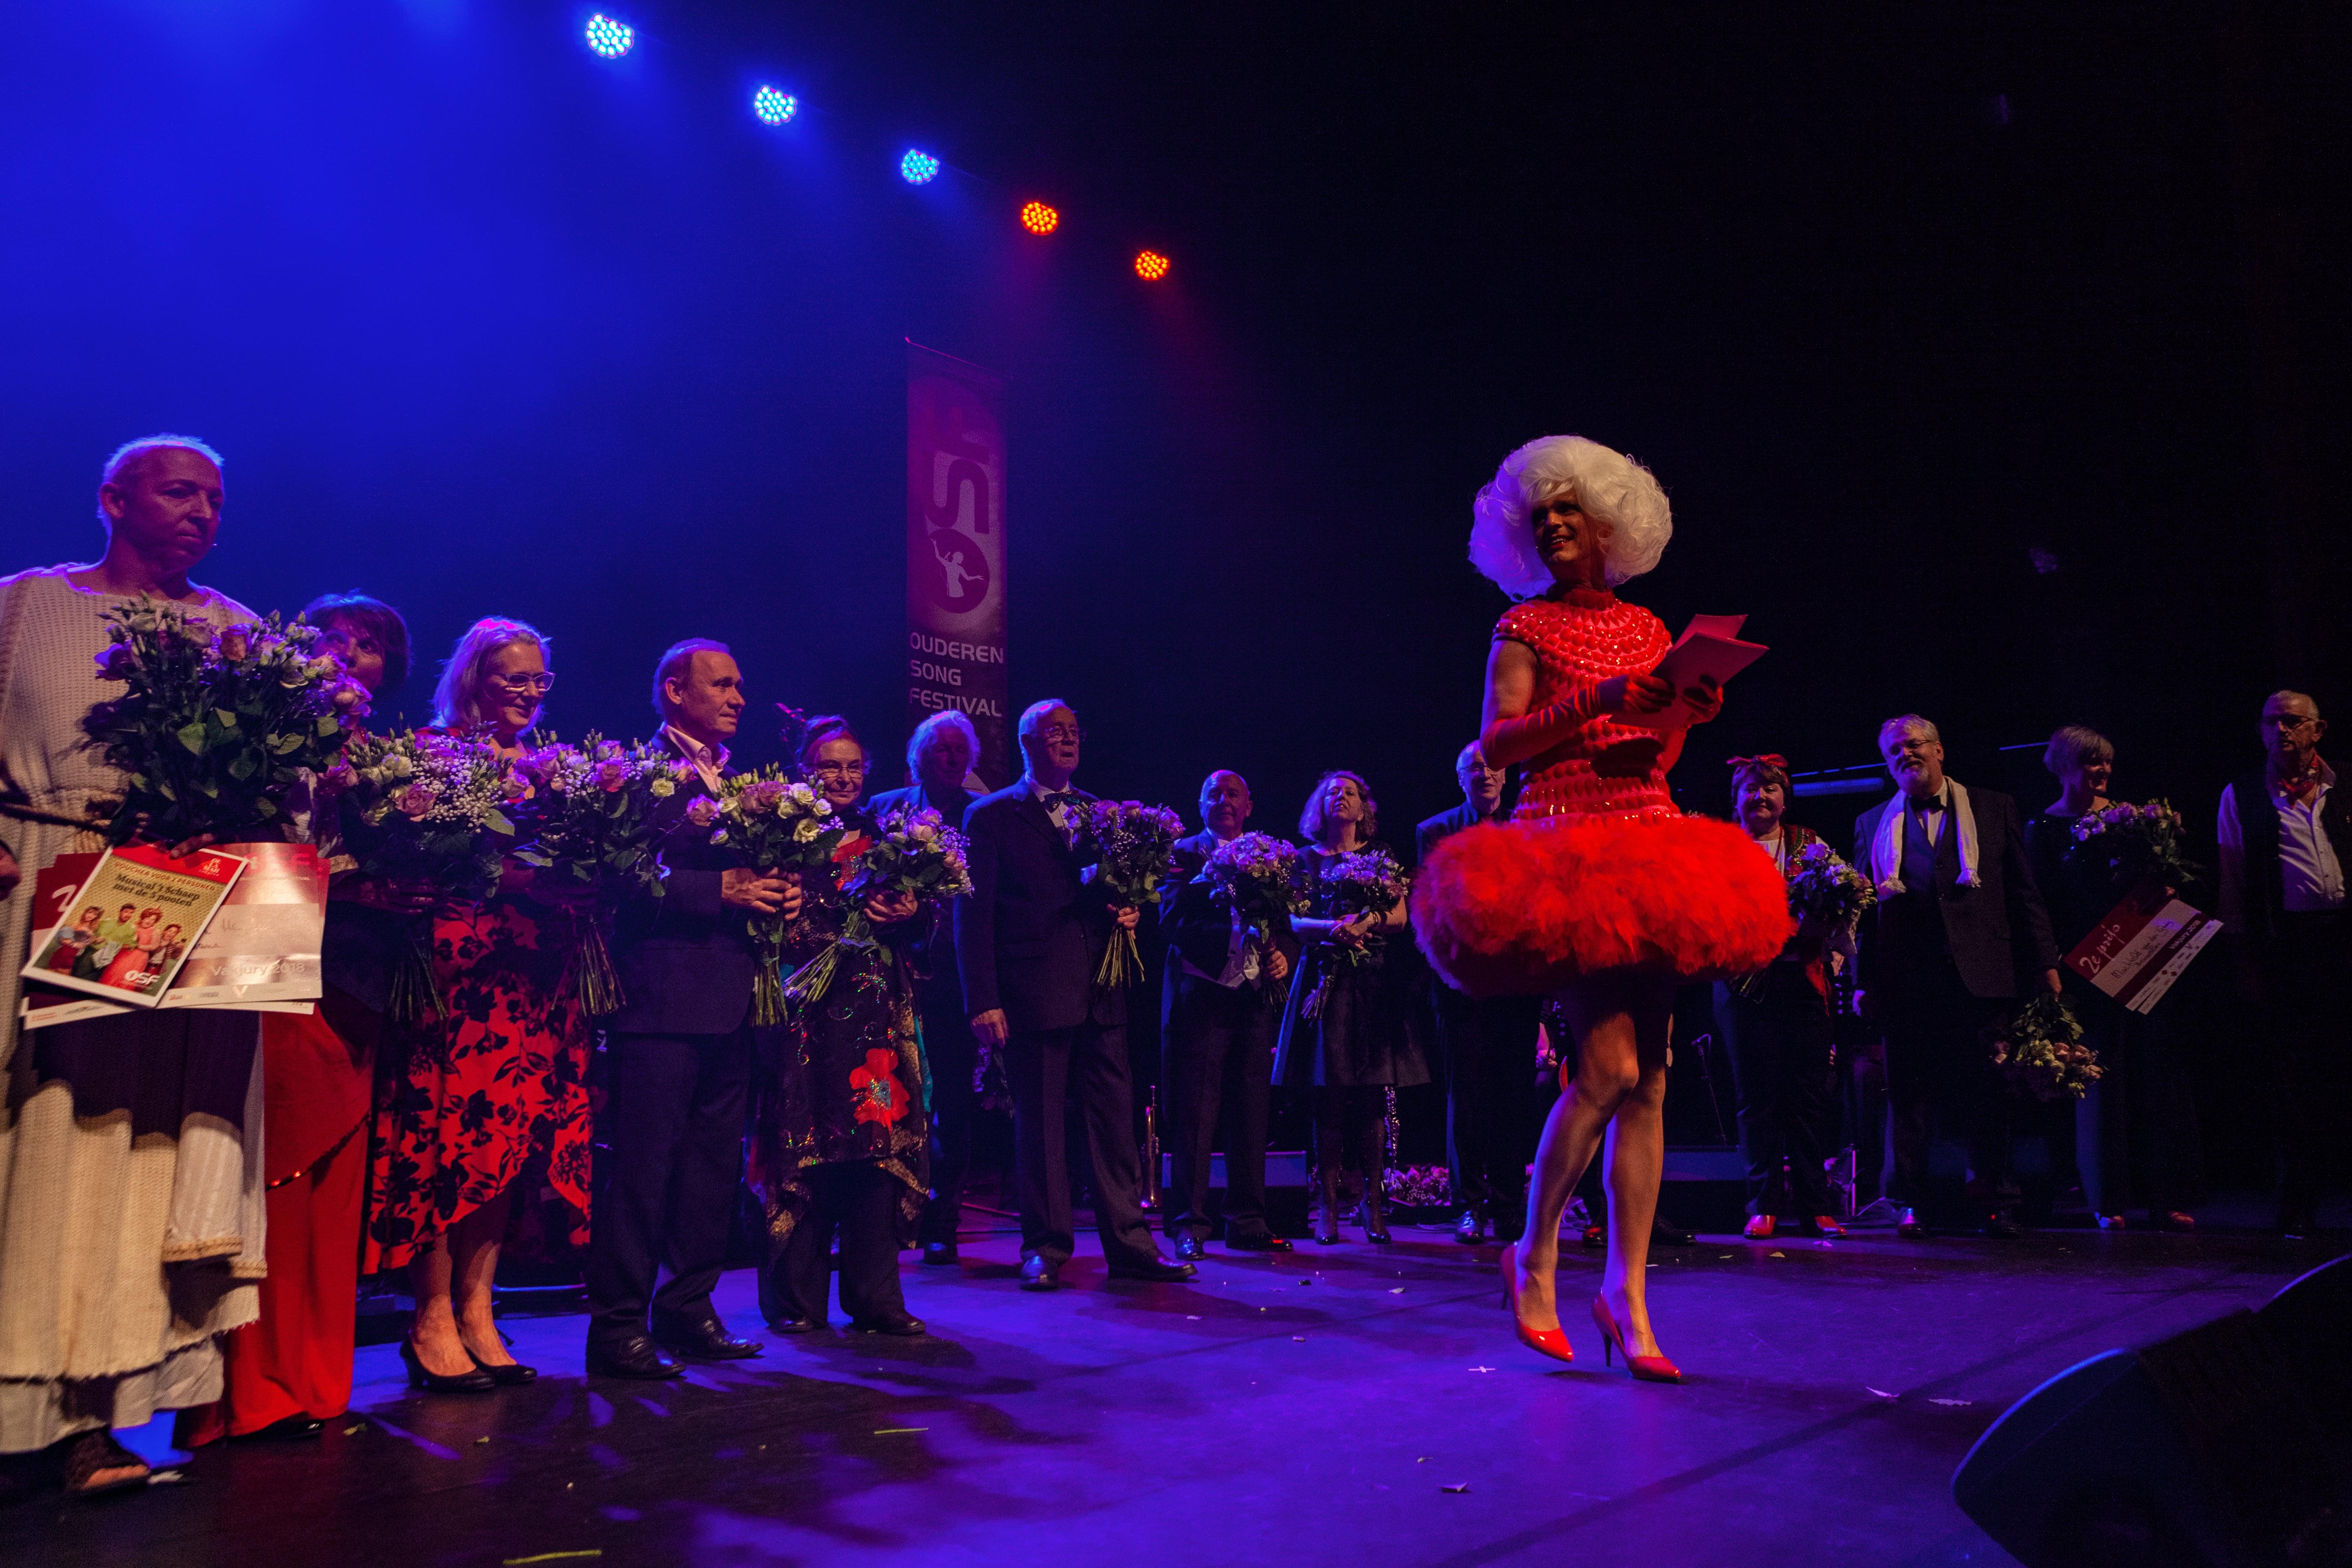 De redactie van Vrije Tijd Amsterdam ging op zoek naar het verhaal achter het Songfestival, en sprak met Rob van Waaijen, directeur en bedenker van het festival.